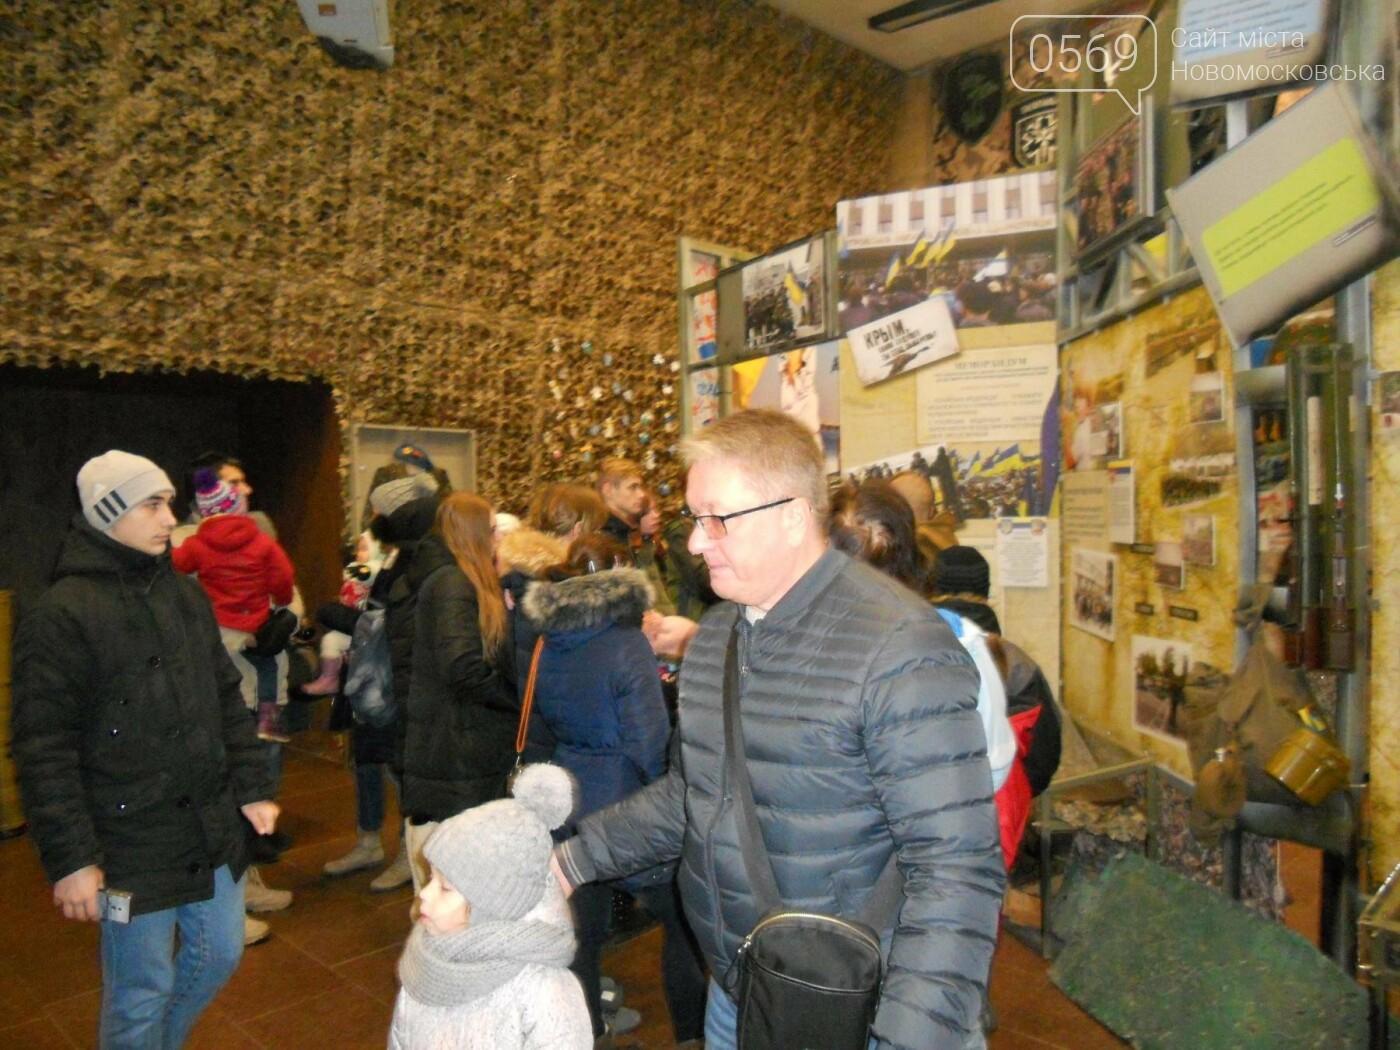 Новомосковці відвідали музей АТО у Дніпрі, фото-11